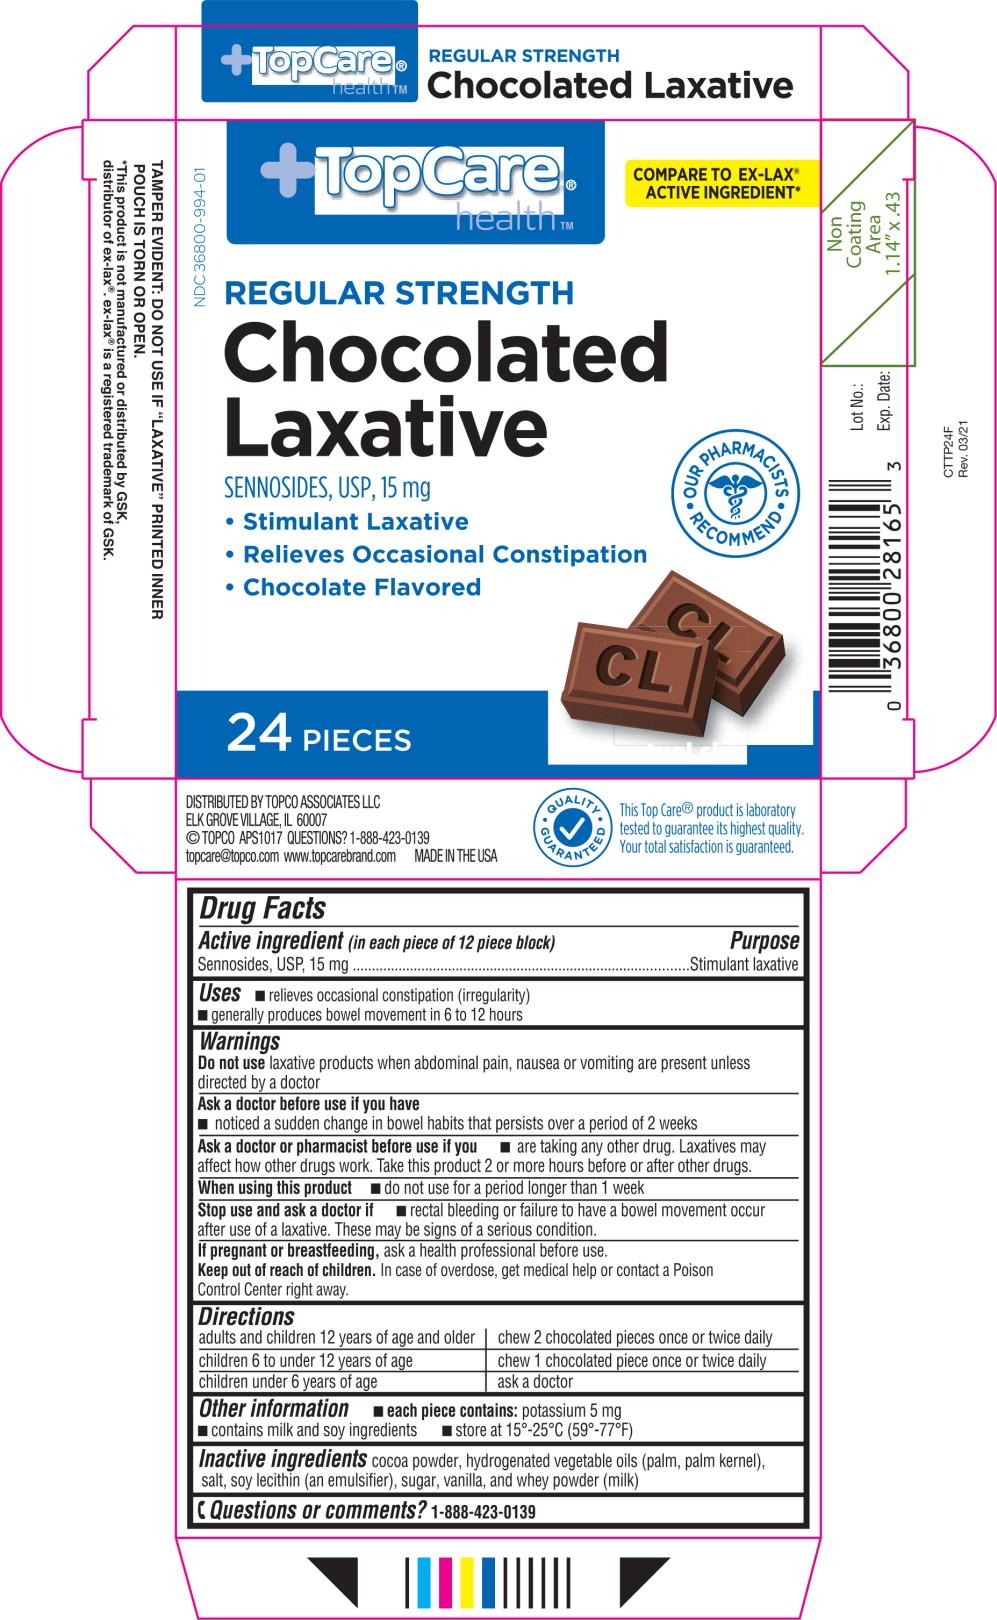 Principal Display Panel - 15 mg Carton Label